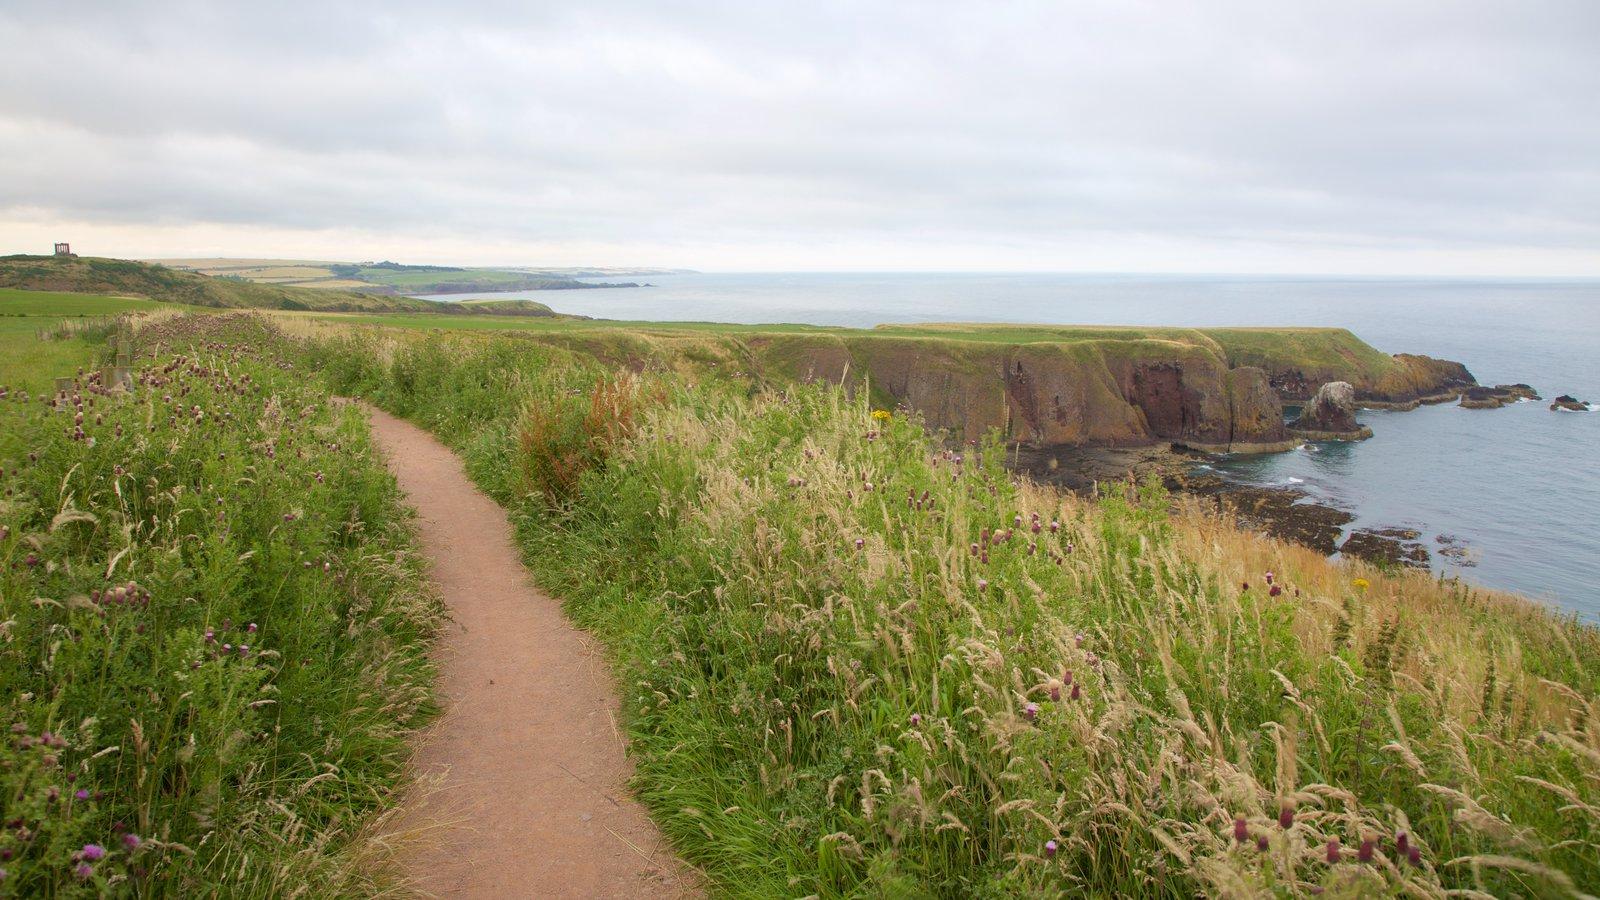 Dunnottar Castle ofreciendo vistas generales de la costa, senderismo o caminata y tierras de cultivo